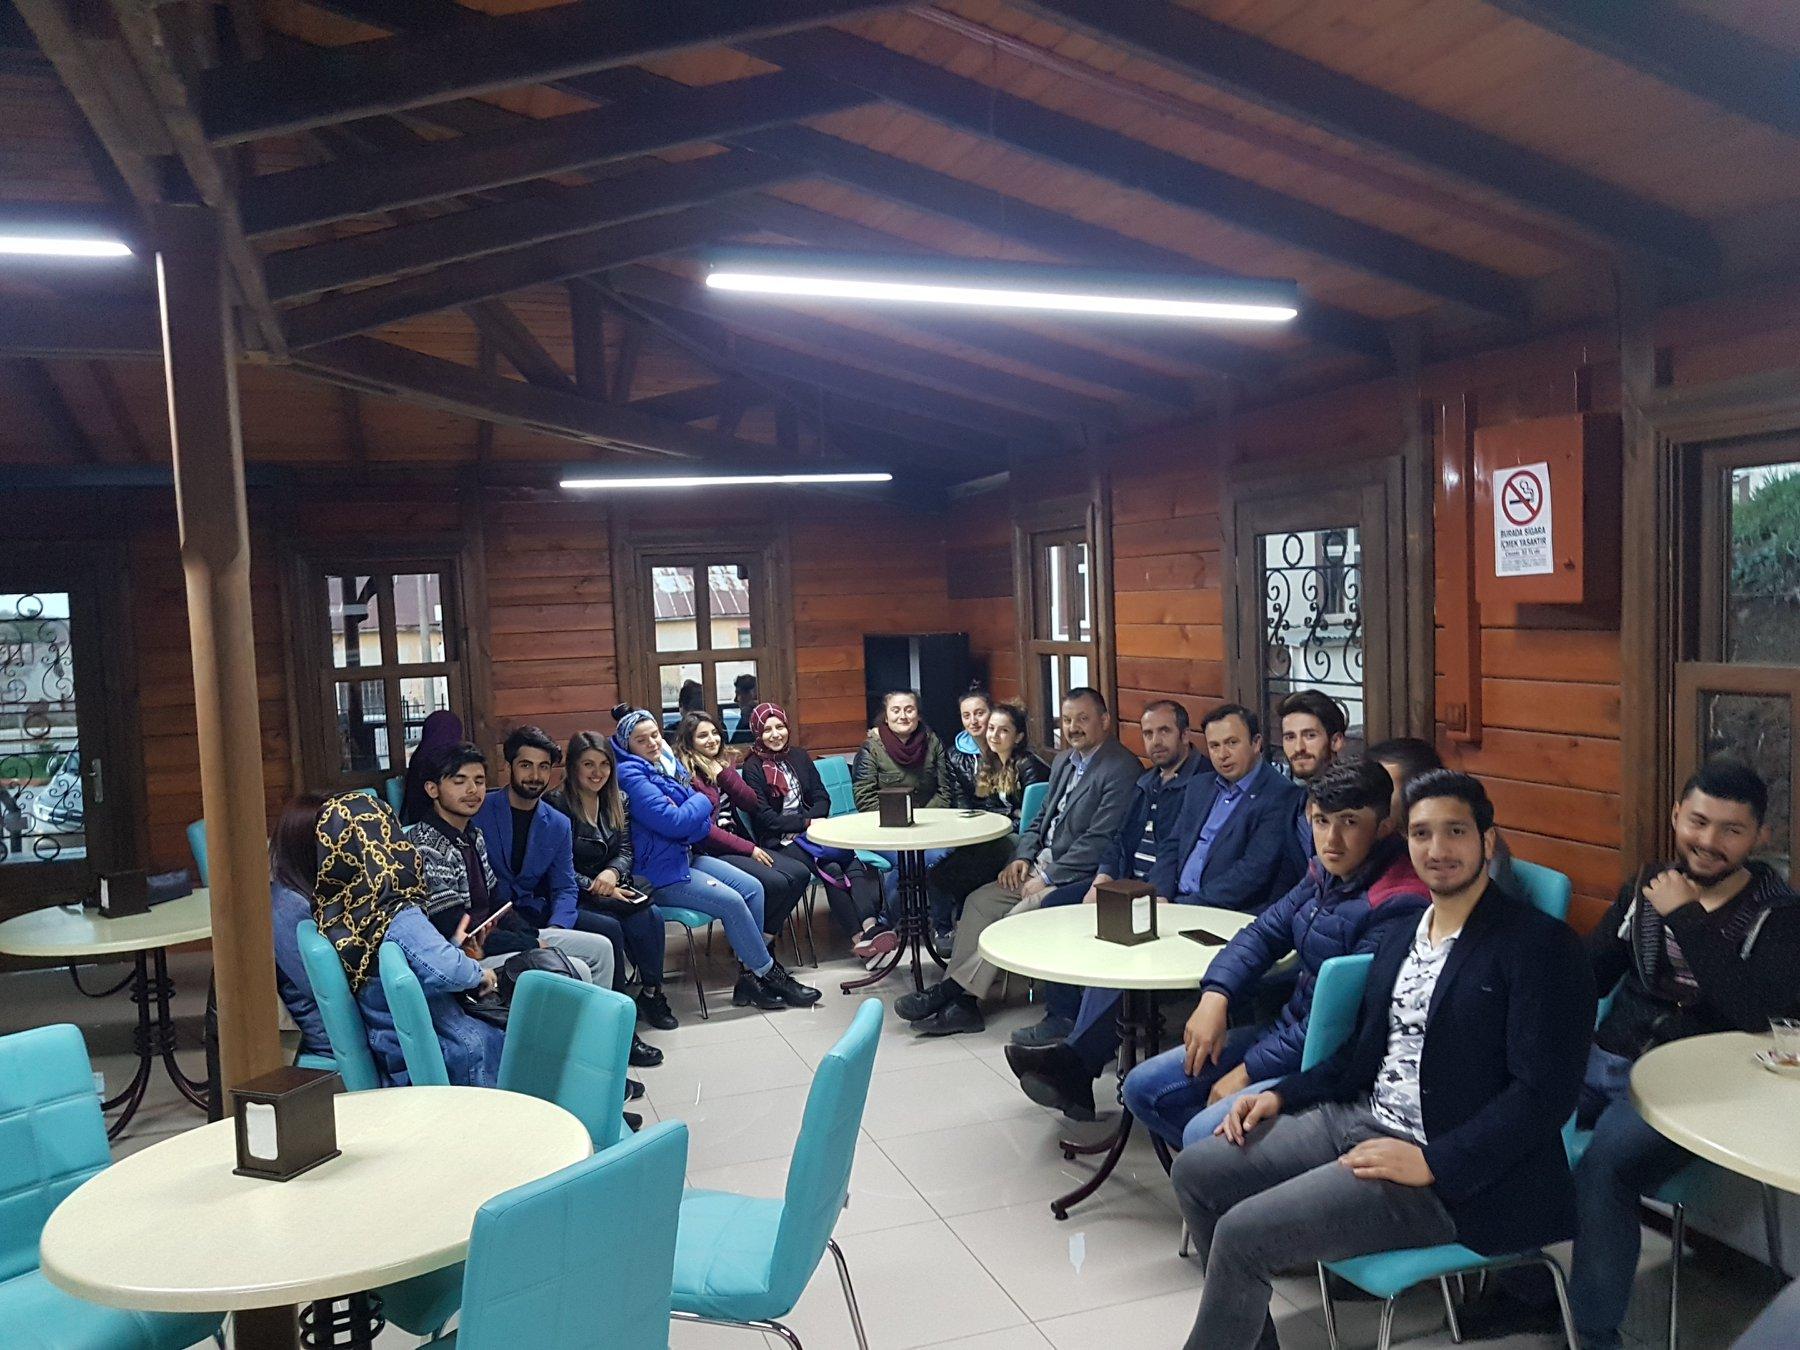 Akkuş Meslek Yüksekokulunu Tercih Edecek Öğrencilerin Nelerden Yararlanacağını Akkuş MYO Yap.Yaş.Kor.Der. Başkanı Hasan BADAY Açıkladı